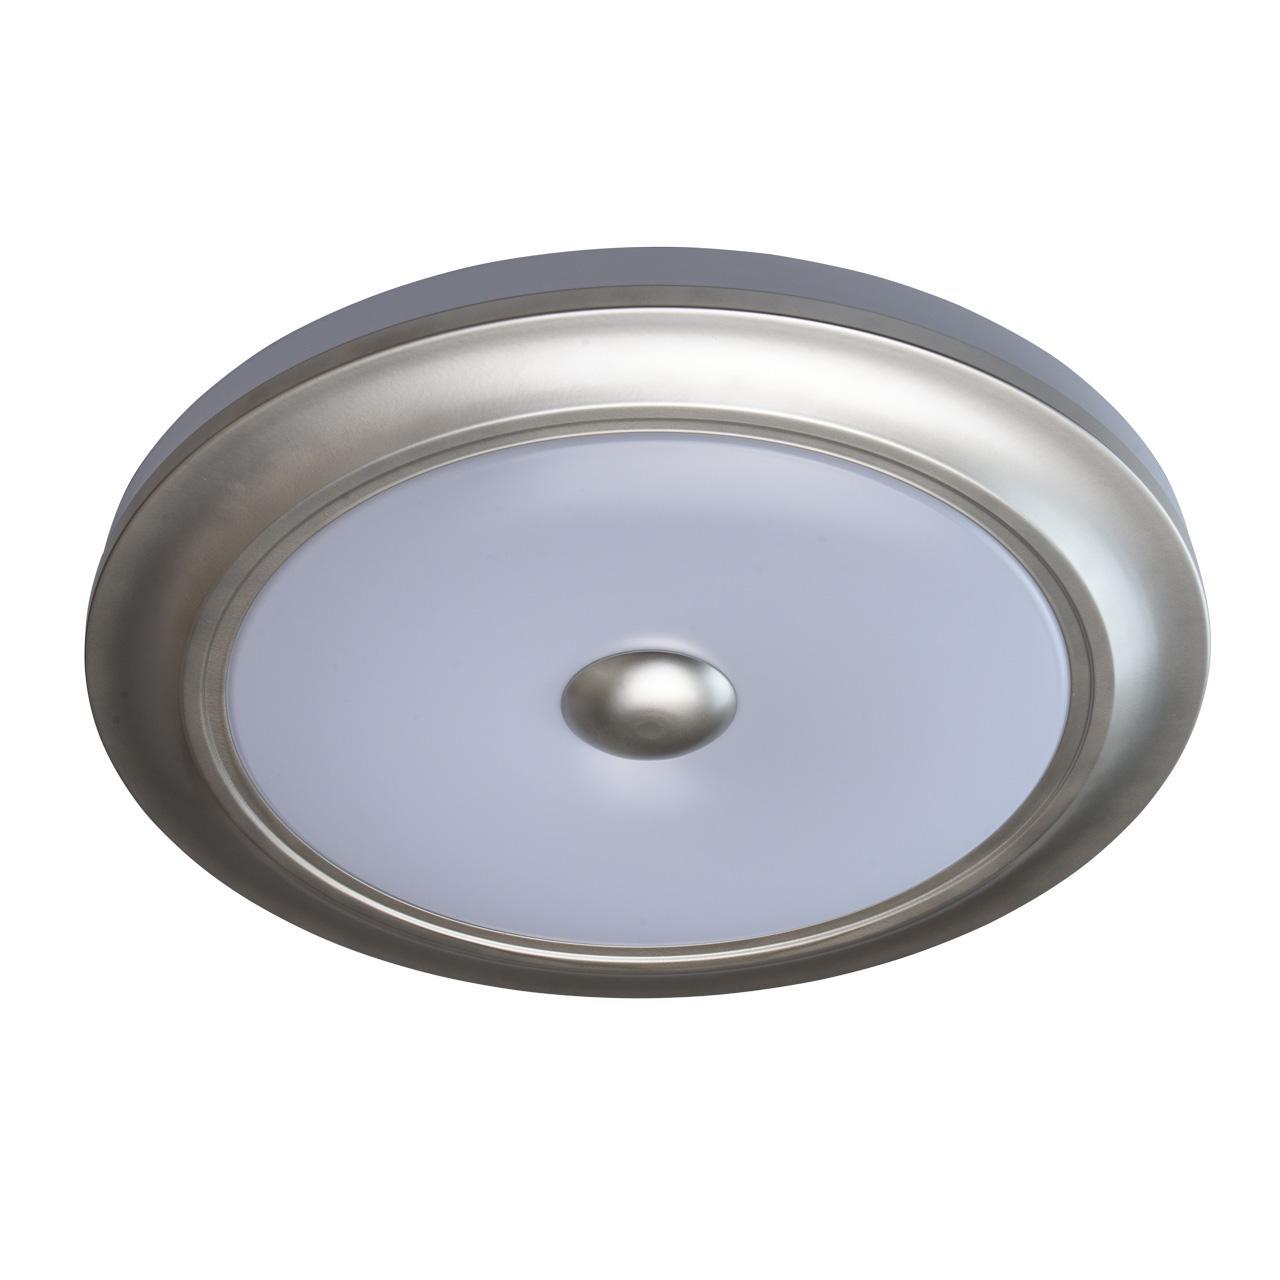 Купить Потолочный светодиодный светильник с пультом ду mw-Light энигма, inmyroom, Германия